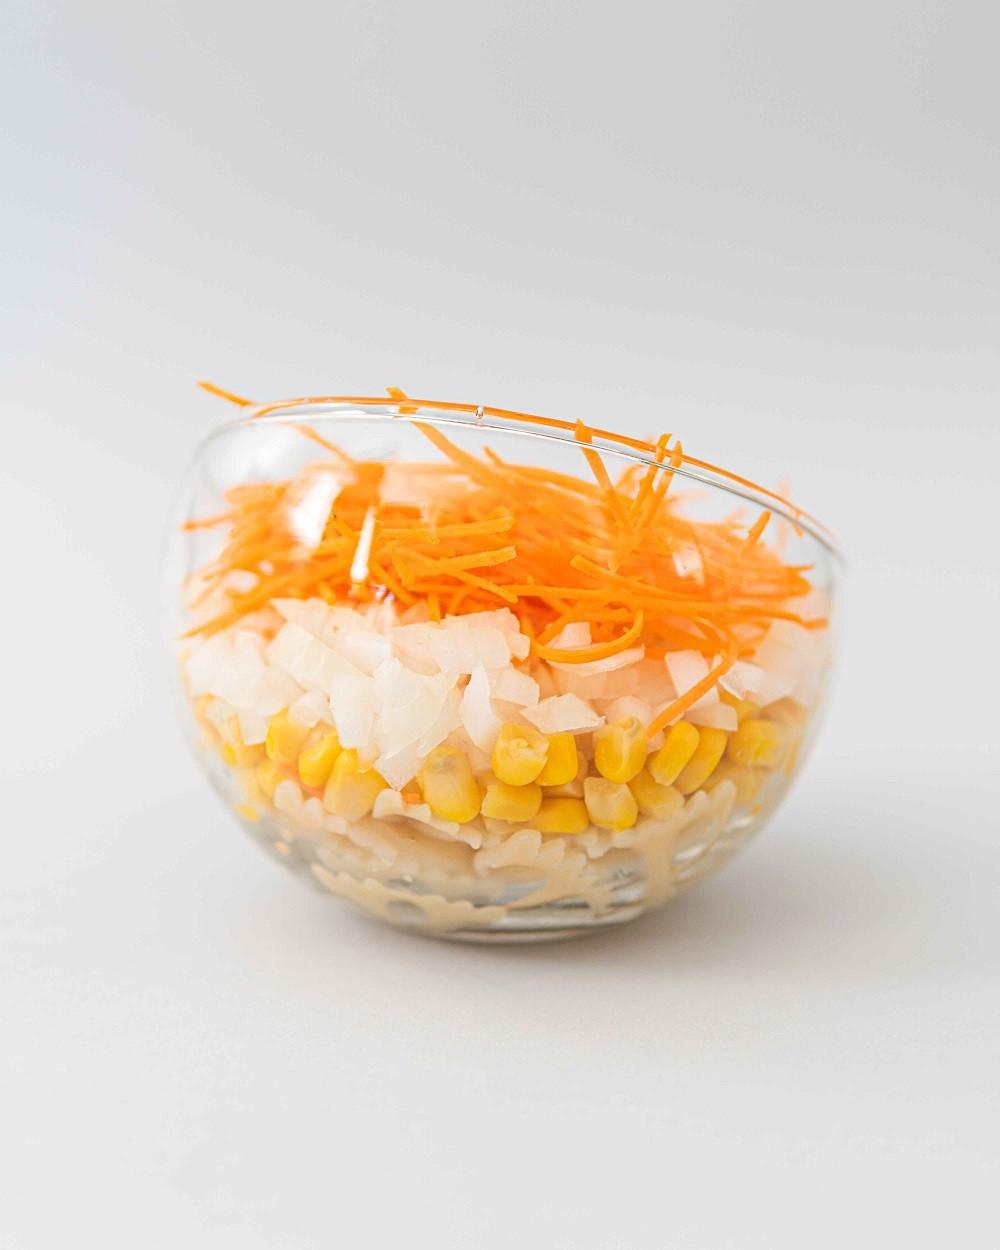 Ensalada de pasta, ¡muy sencilla y refrescante!